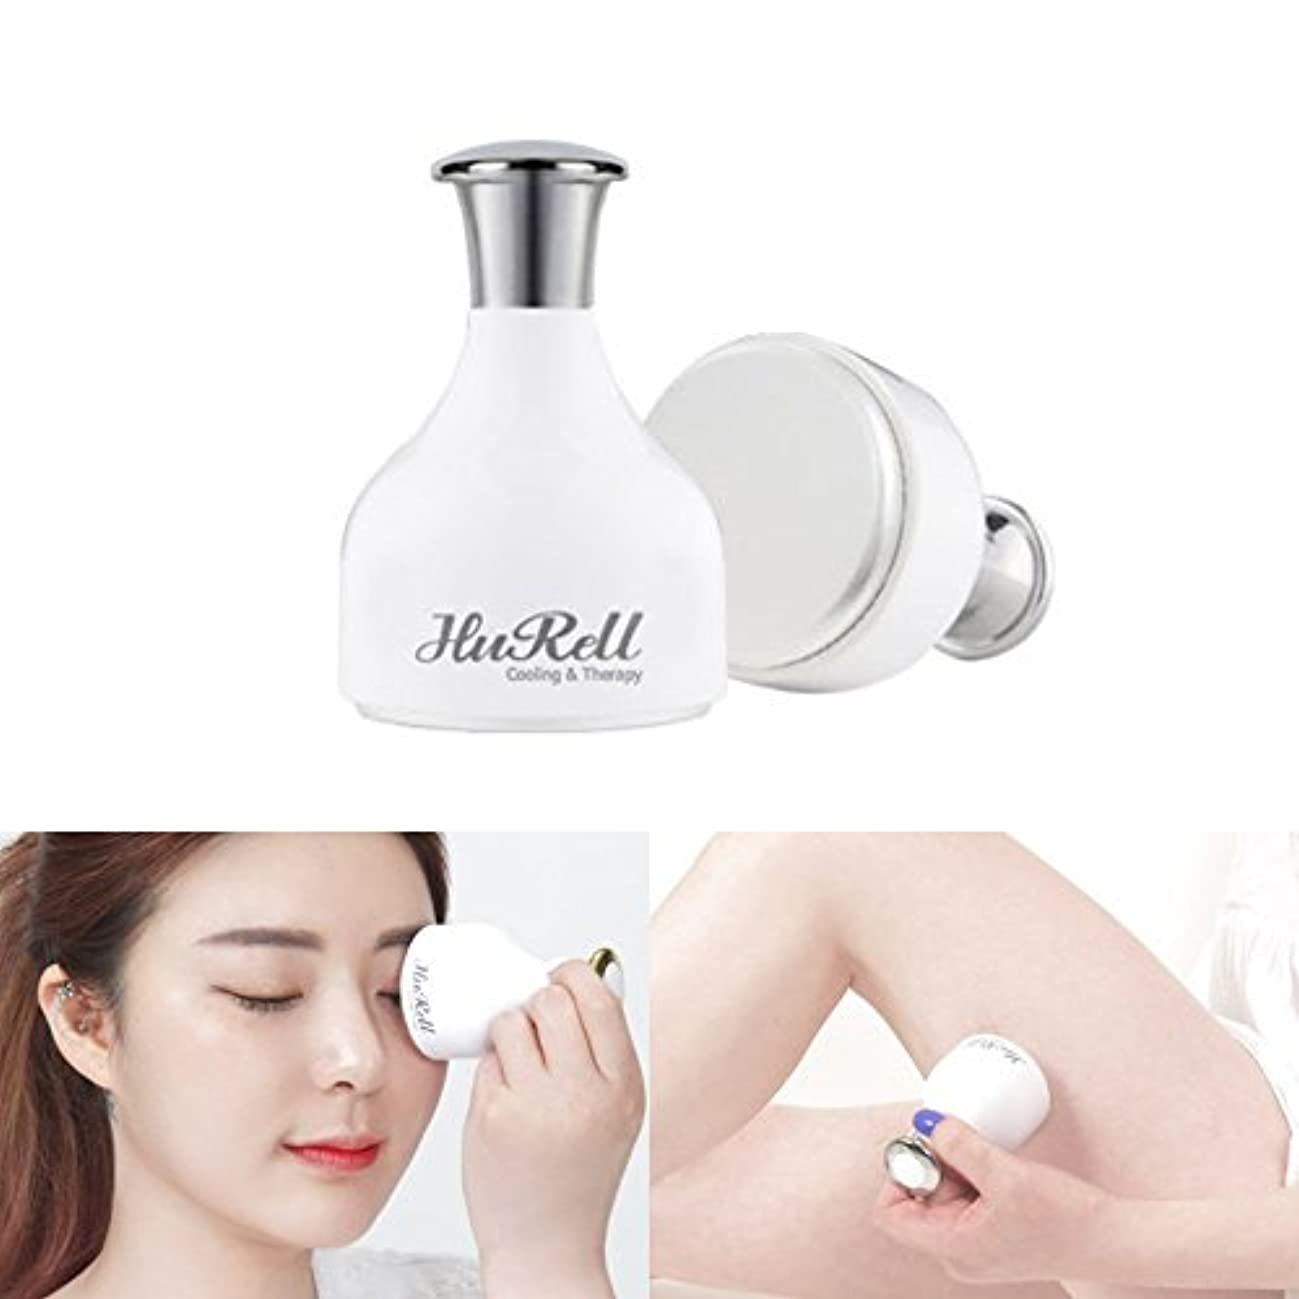 拡声器繁栄権利を与えるHurell 氏顔面クーラー冷却療法ストーンマッサージ 皮膚の温度上昇を軽減,皮膚トラブルを和らげる筋肉痛